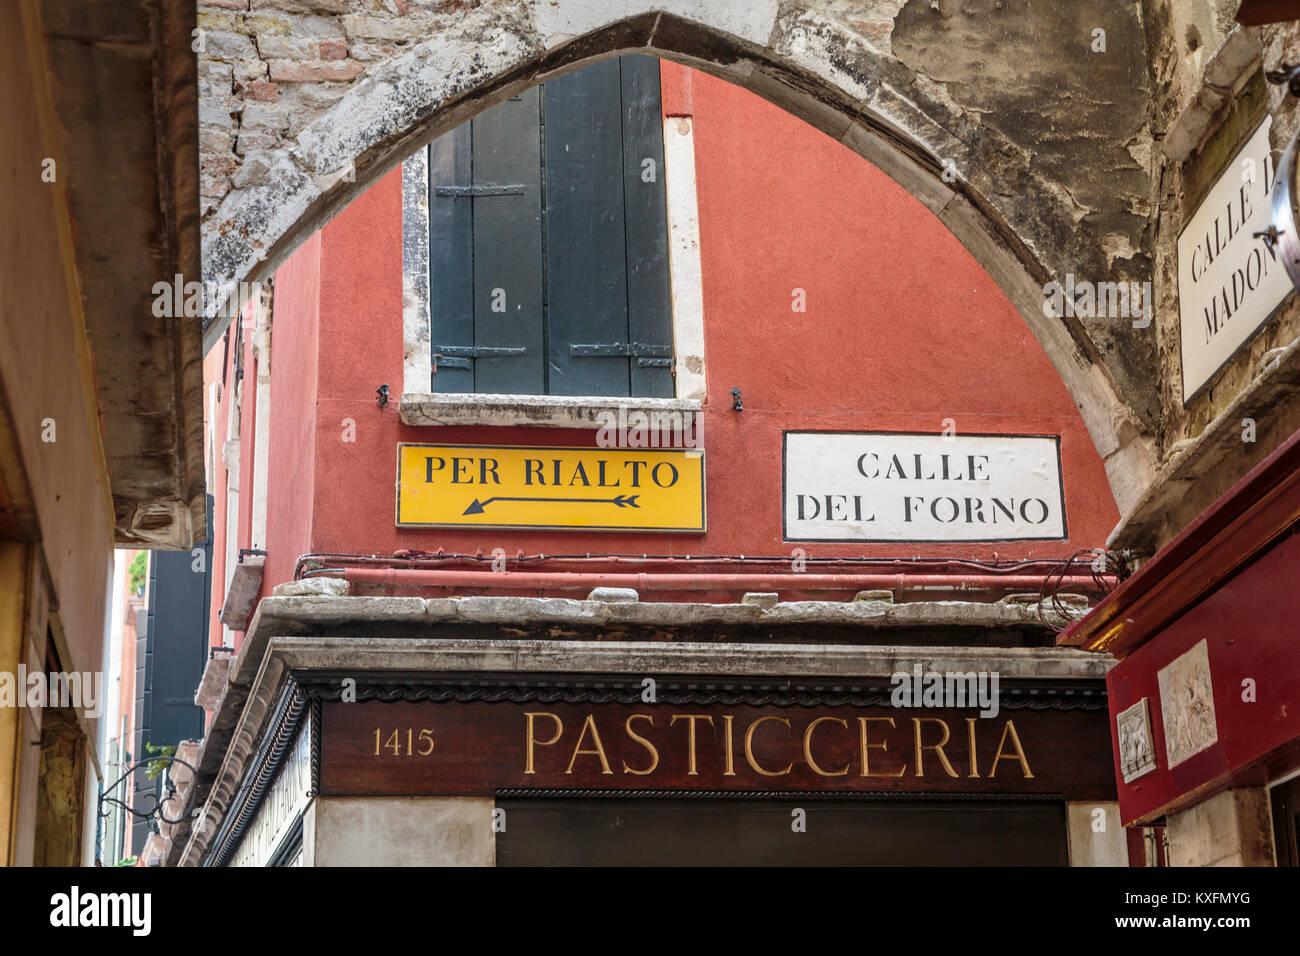 Direzione segni e pasticceria in Veneto, Venezia, Italia, Europa. Foto Stock